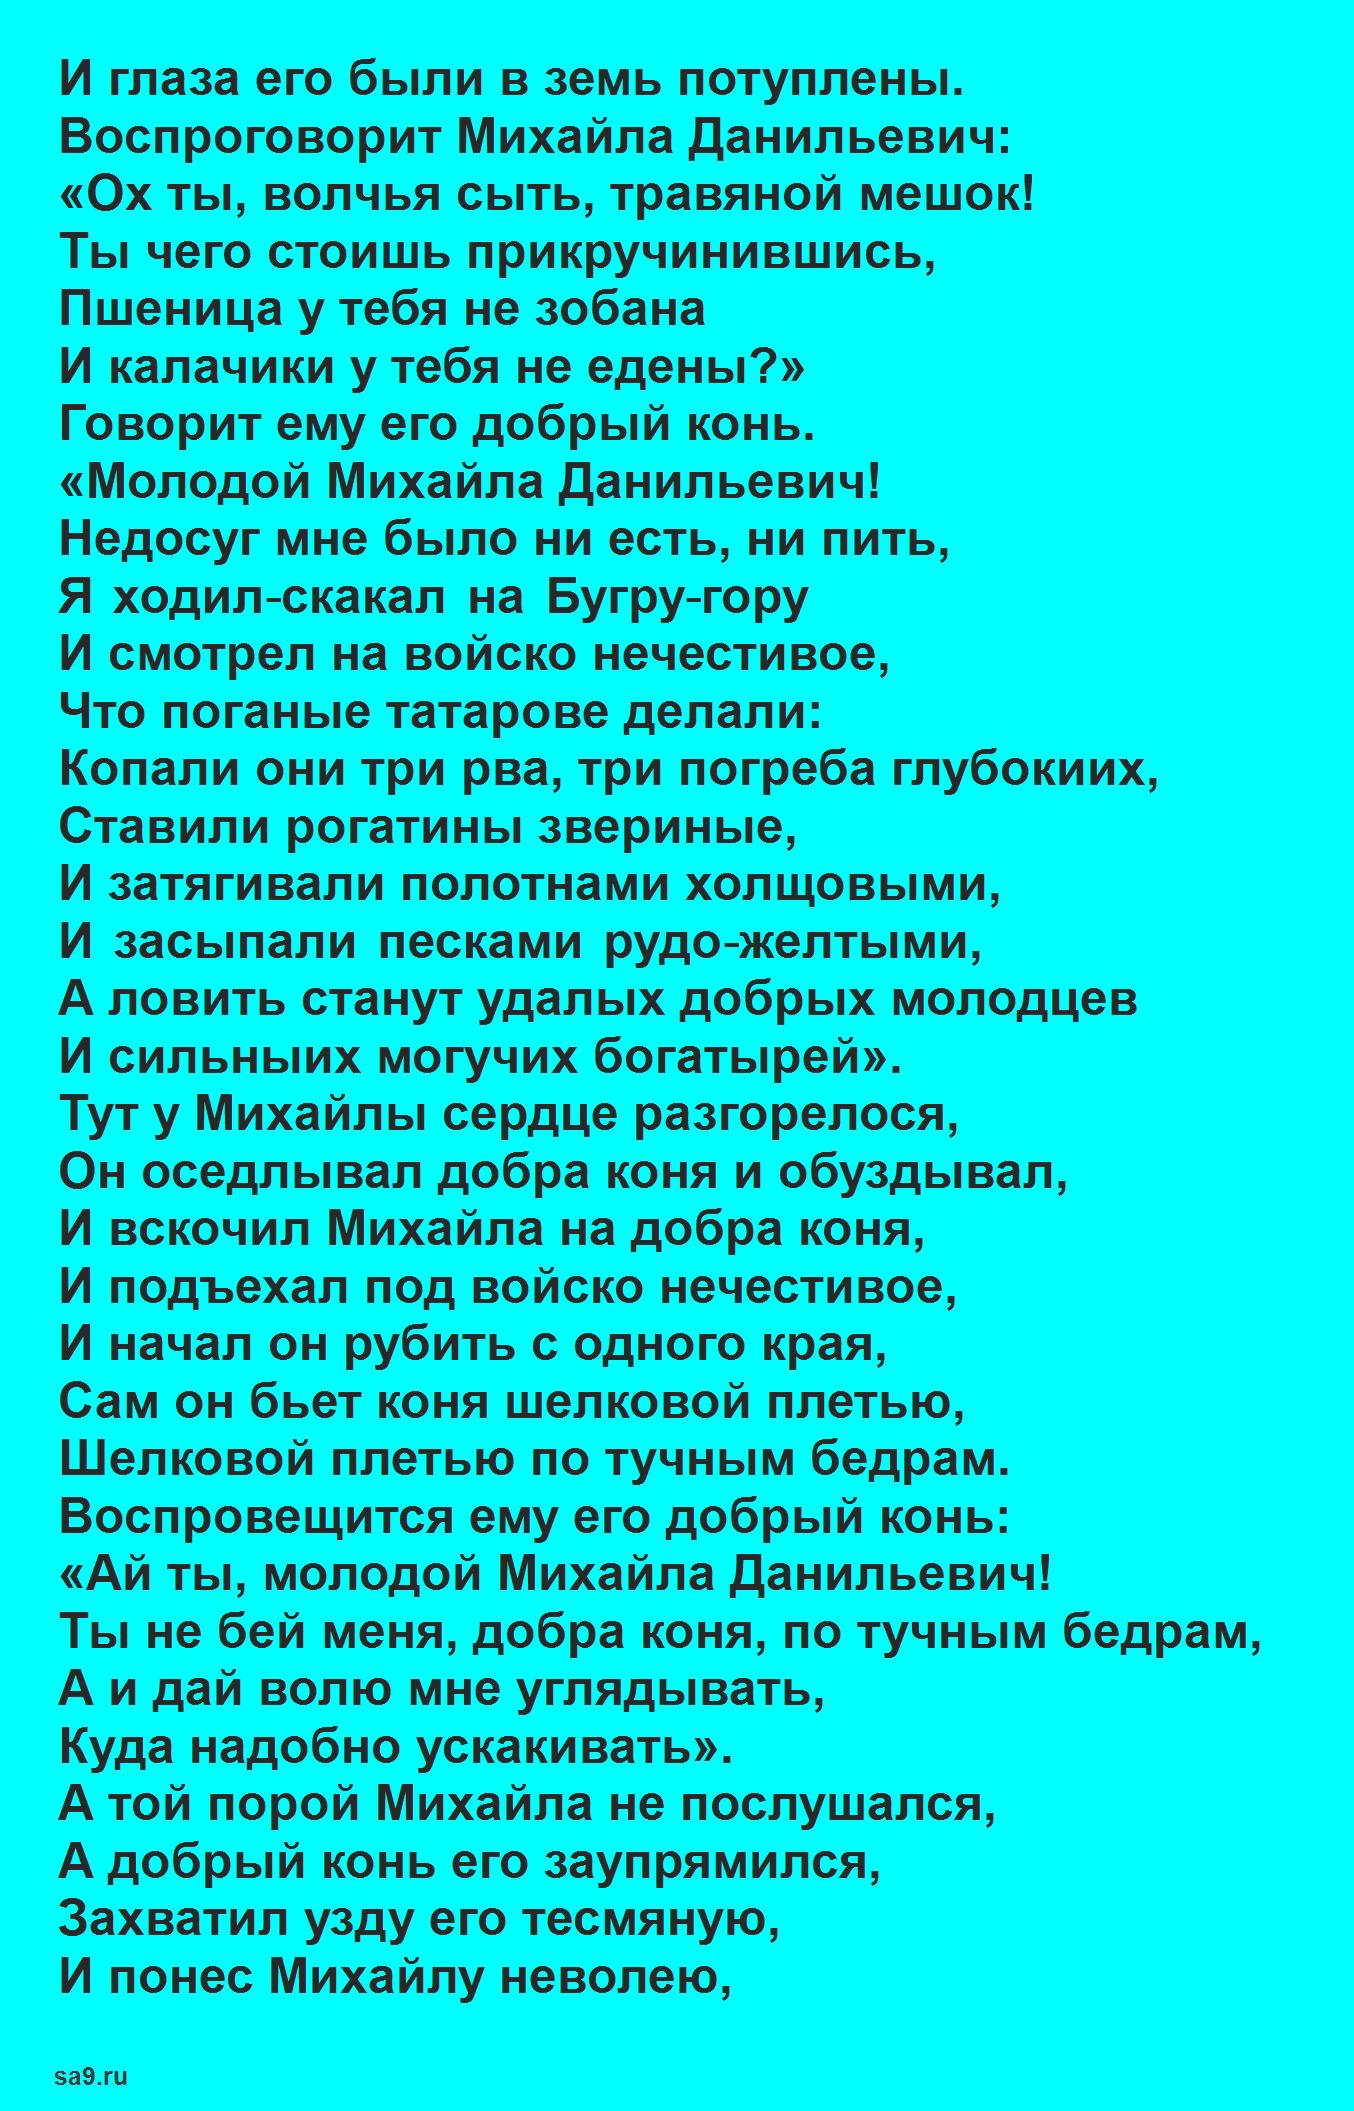 Читать русскую народную былину - Михайло Данилович